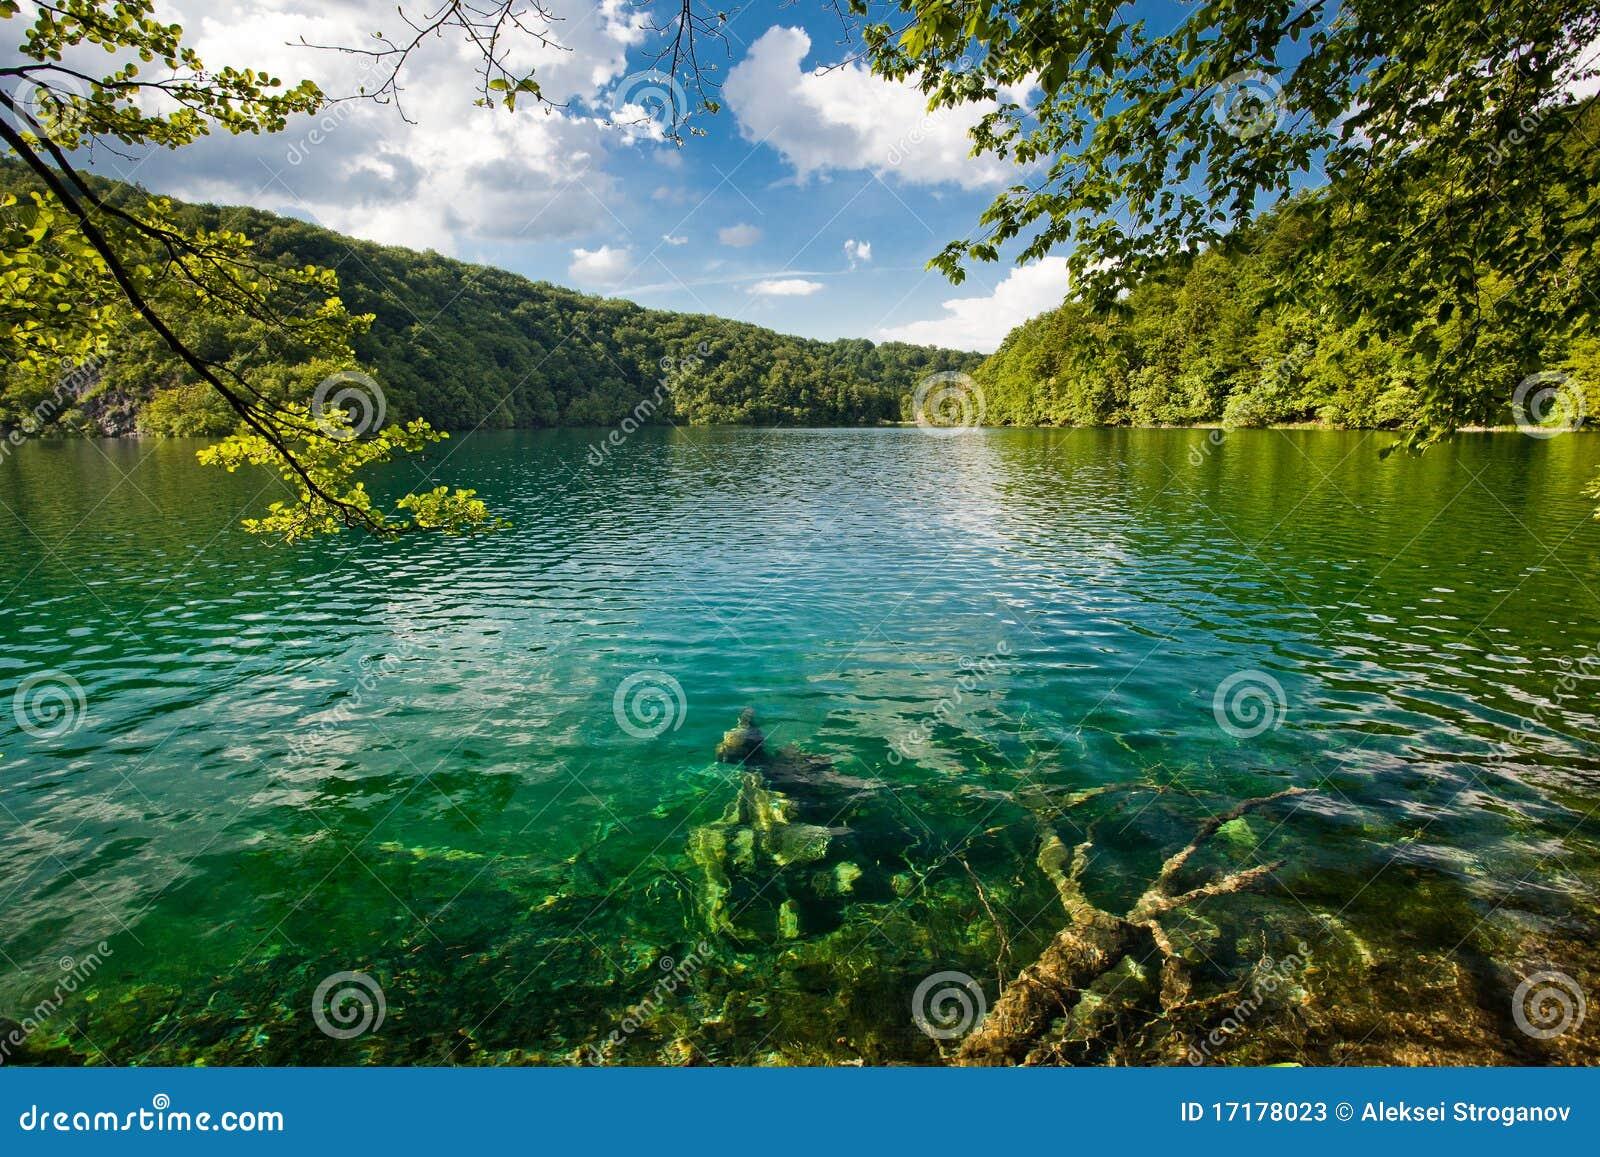 Plitvice Lakes National Park In Croatia Landscape Stock ...